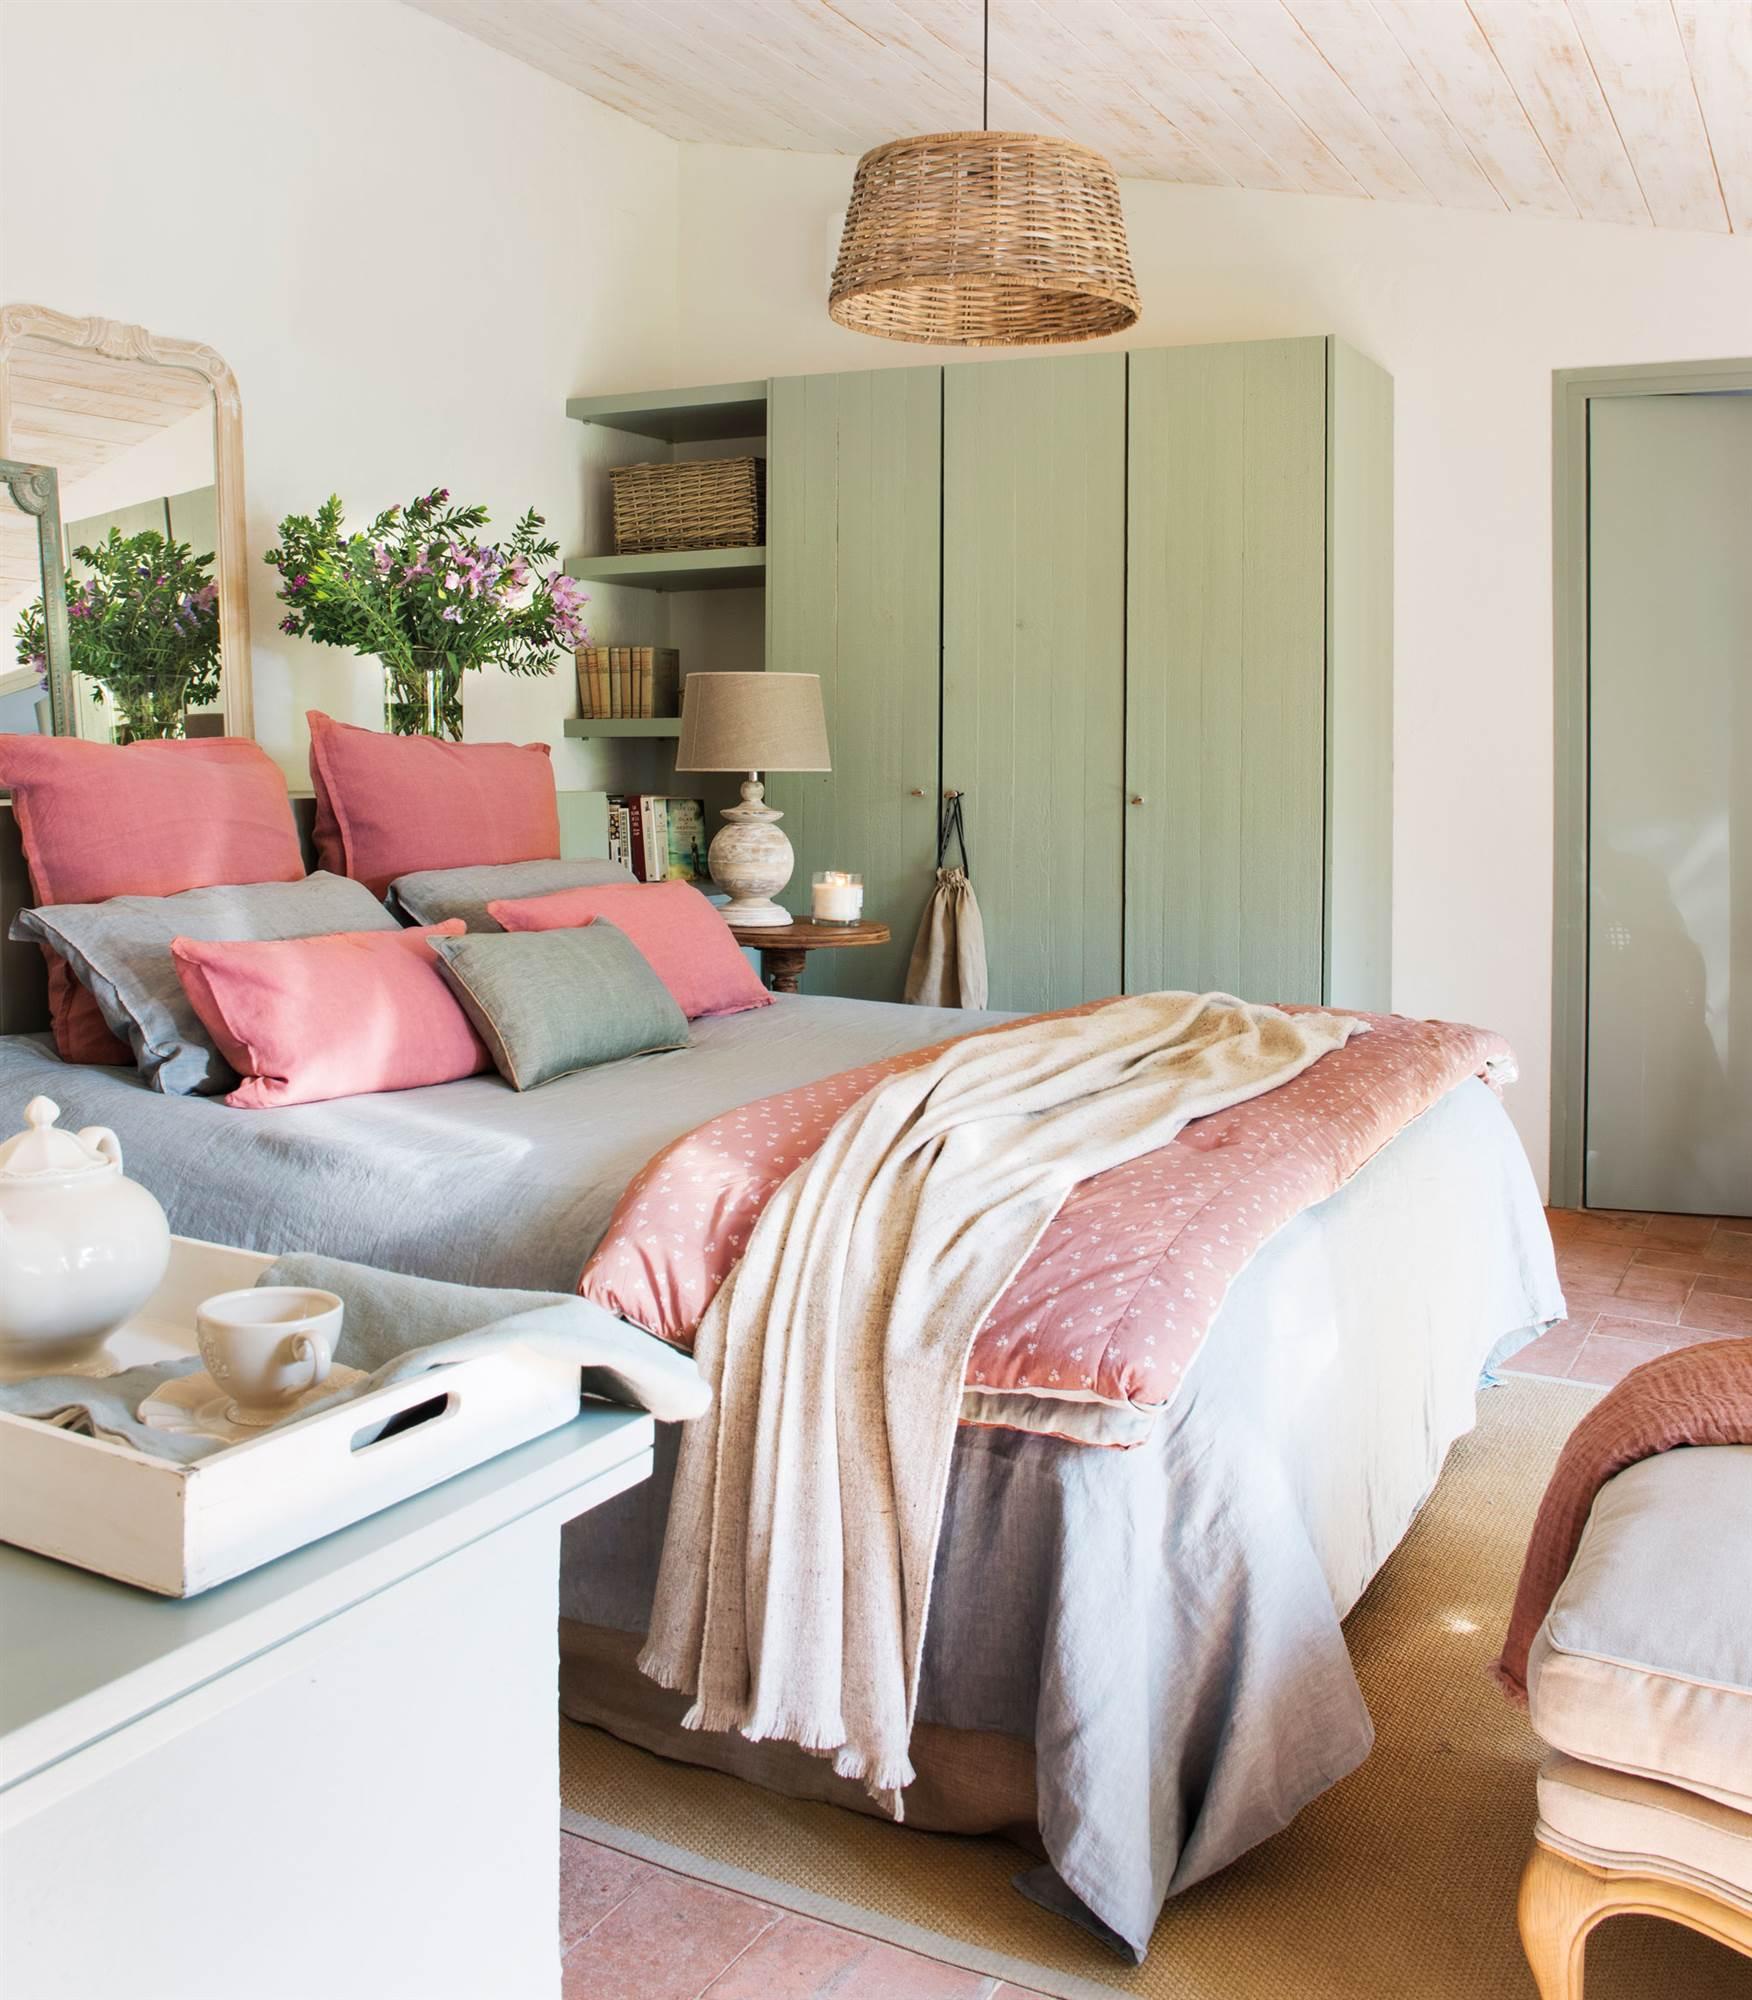 2621 fotos de dormitorios - Dormitorio verde ...